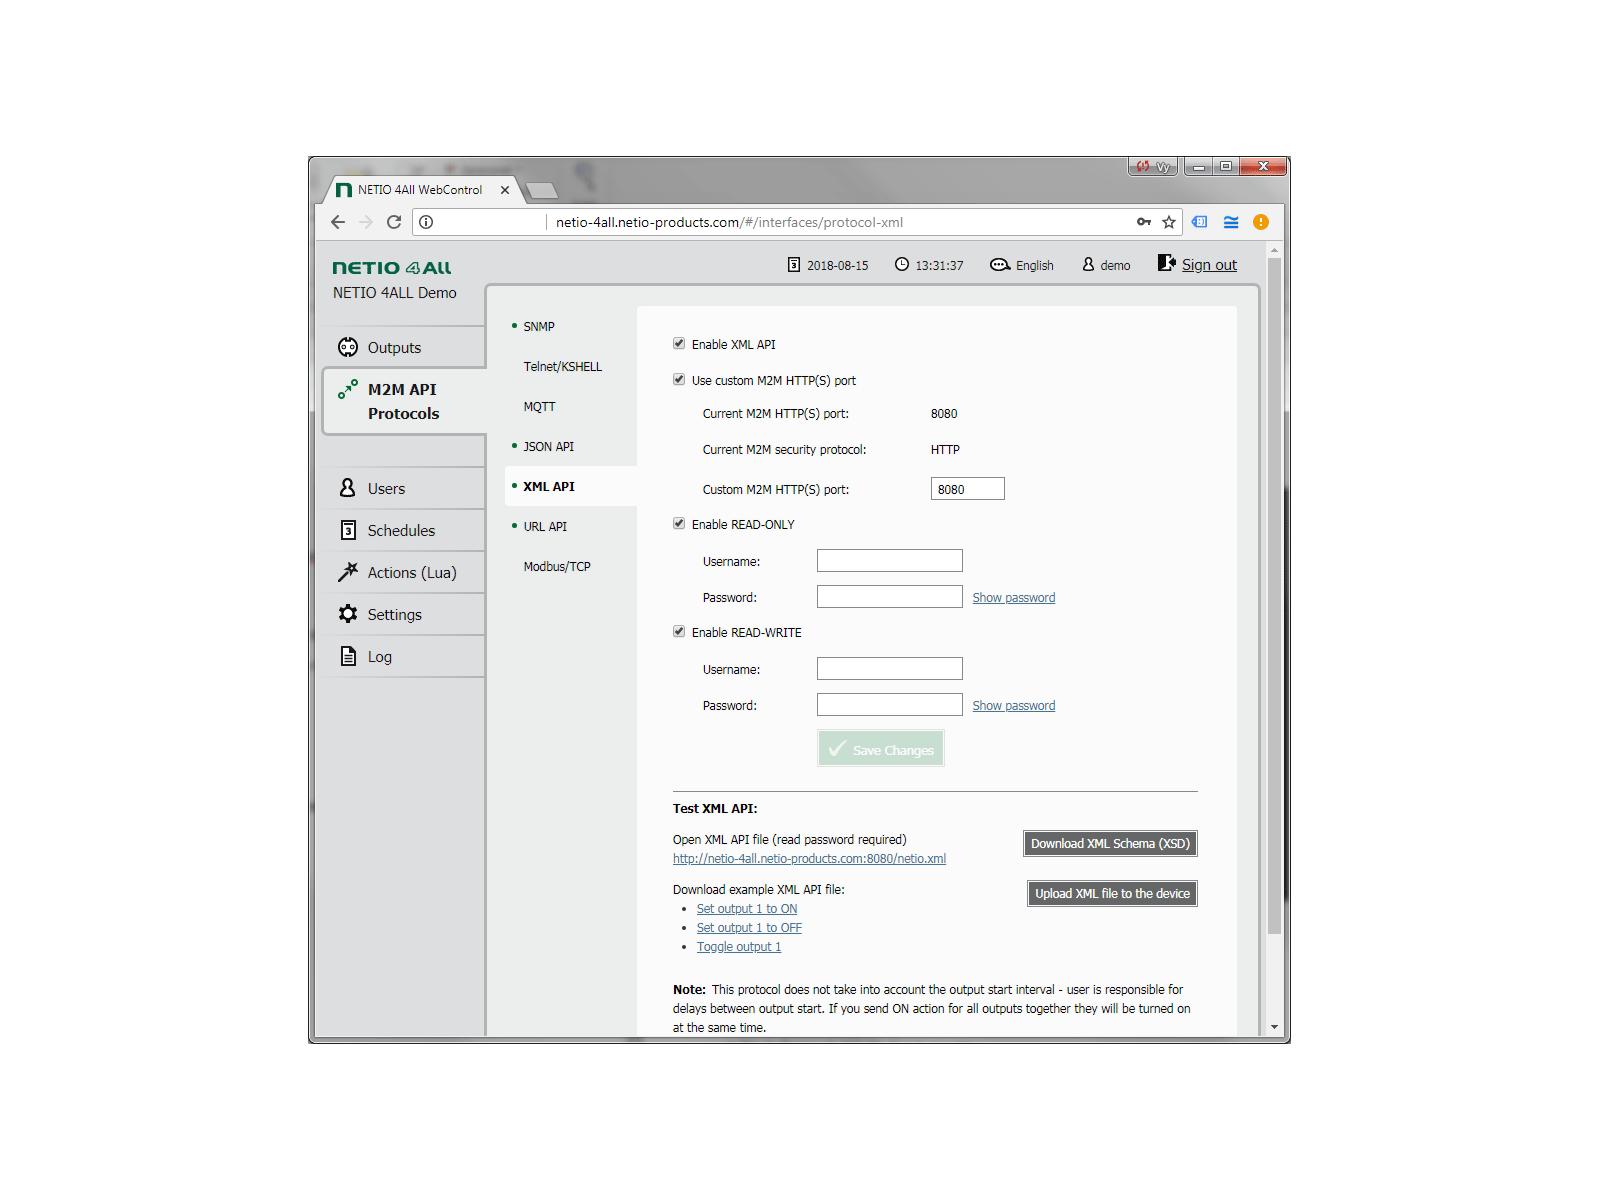 Nastavení protokolu XML http (s) M2M API v zařízení NETIO 4All. Můžete řídit každý výstup zásuvky (Zap / Vyp) odesláním nebo stažením souboru XML. Na základě protokolu HTTP je jednoduché rozšířit na zabezpečenou verzi s protokolem HTTPS.